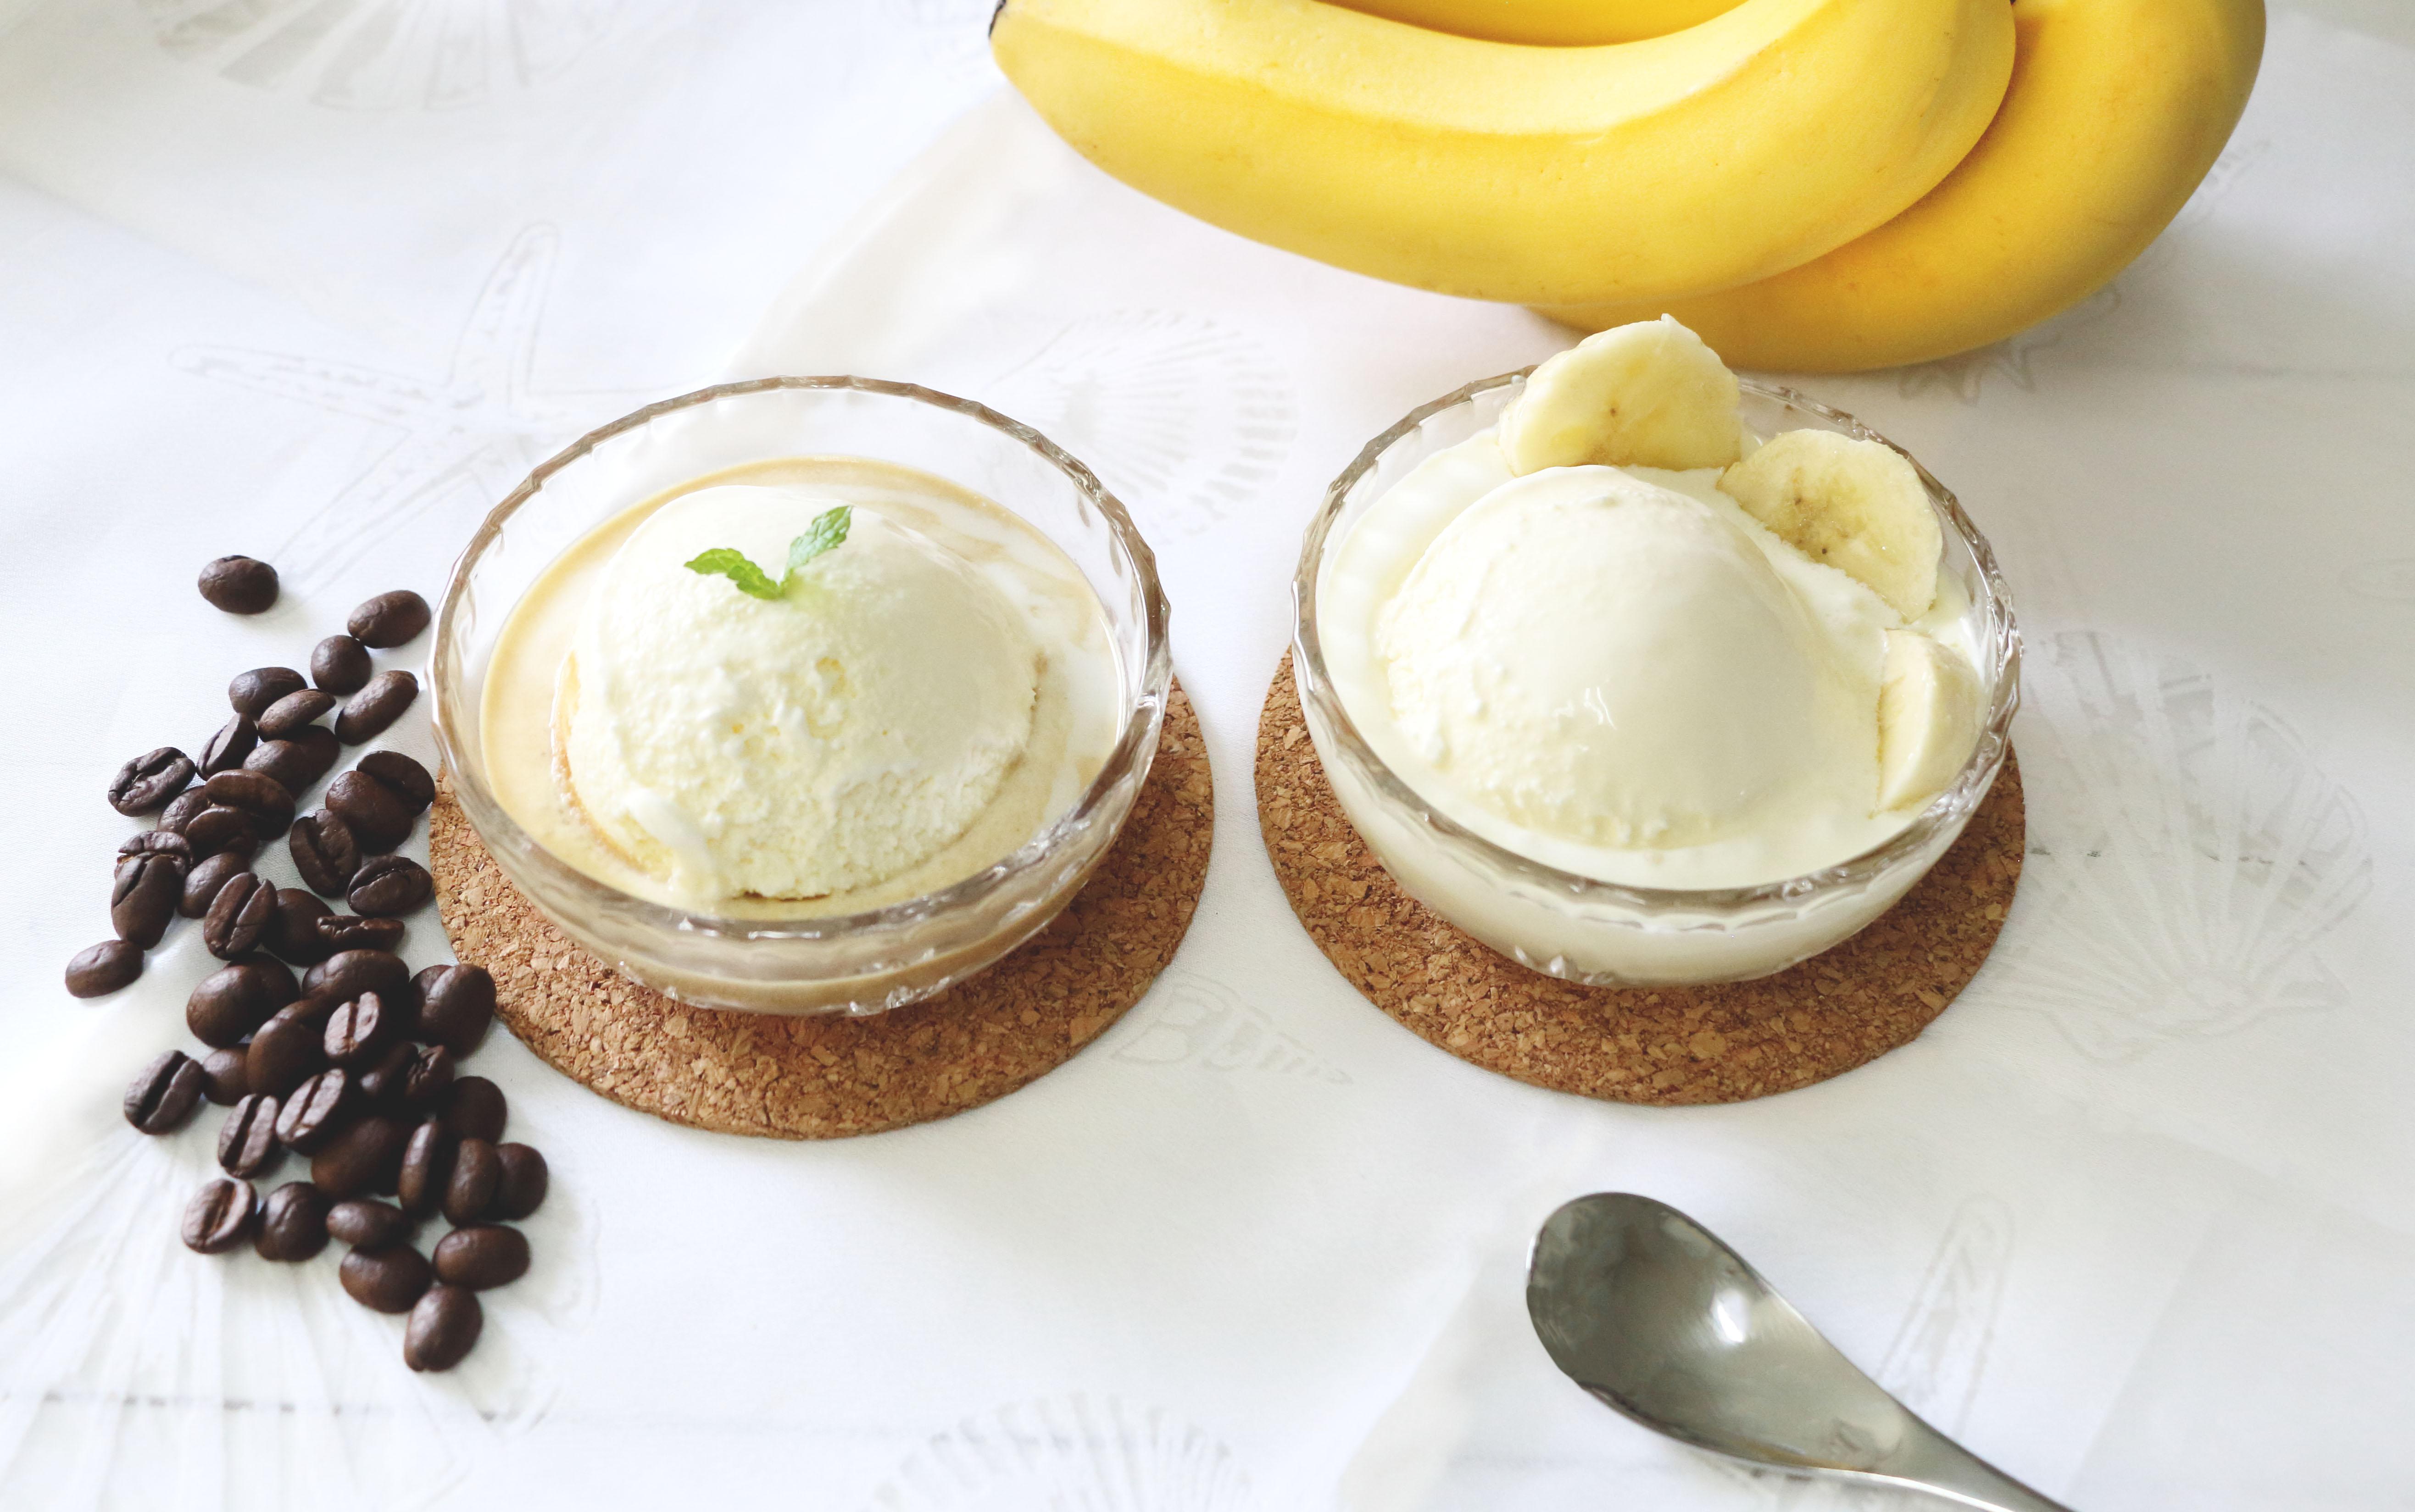 豆乳飲料+バニラアイス